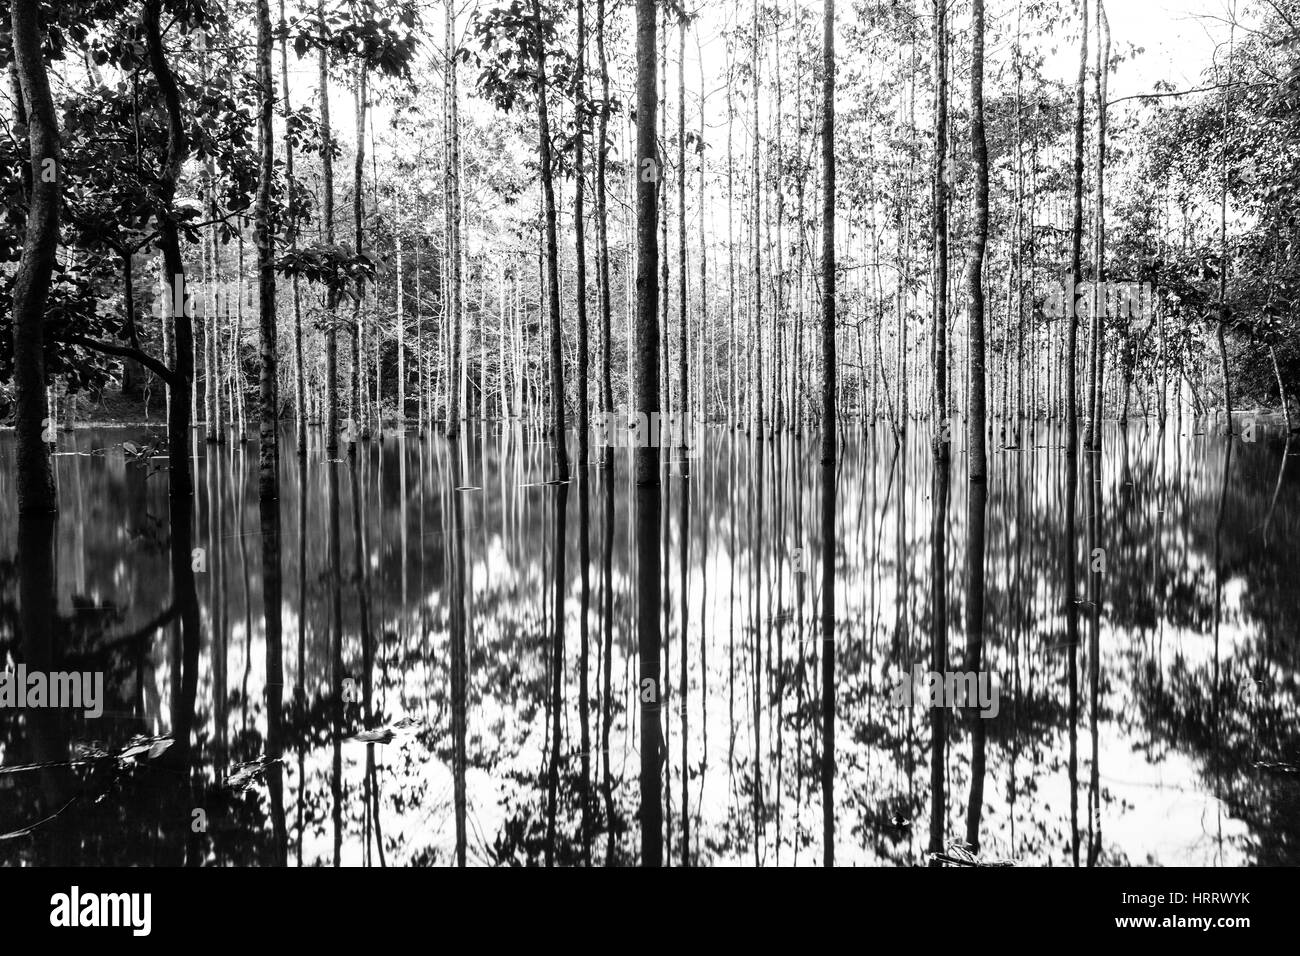 Les troncs des arbres mystérieux reflétée sur l'eau de jungles tropicales d'Angkor Wat, au Photo Stock